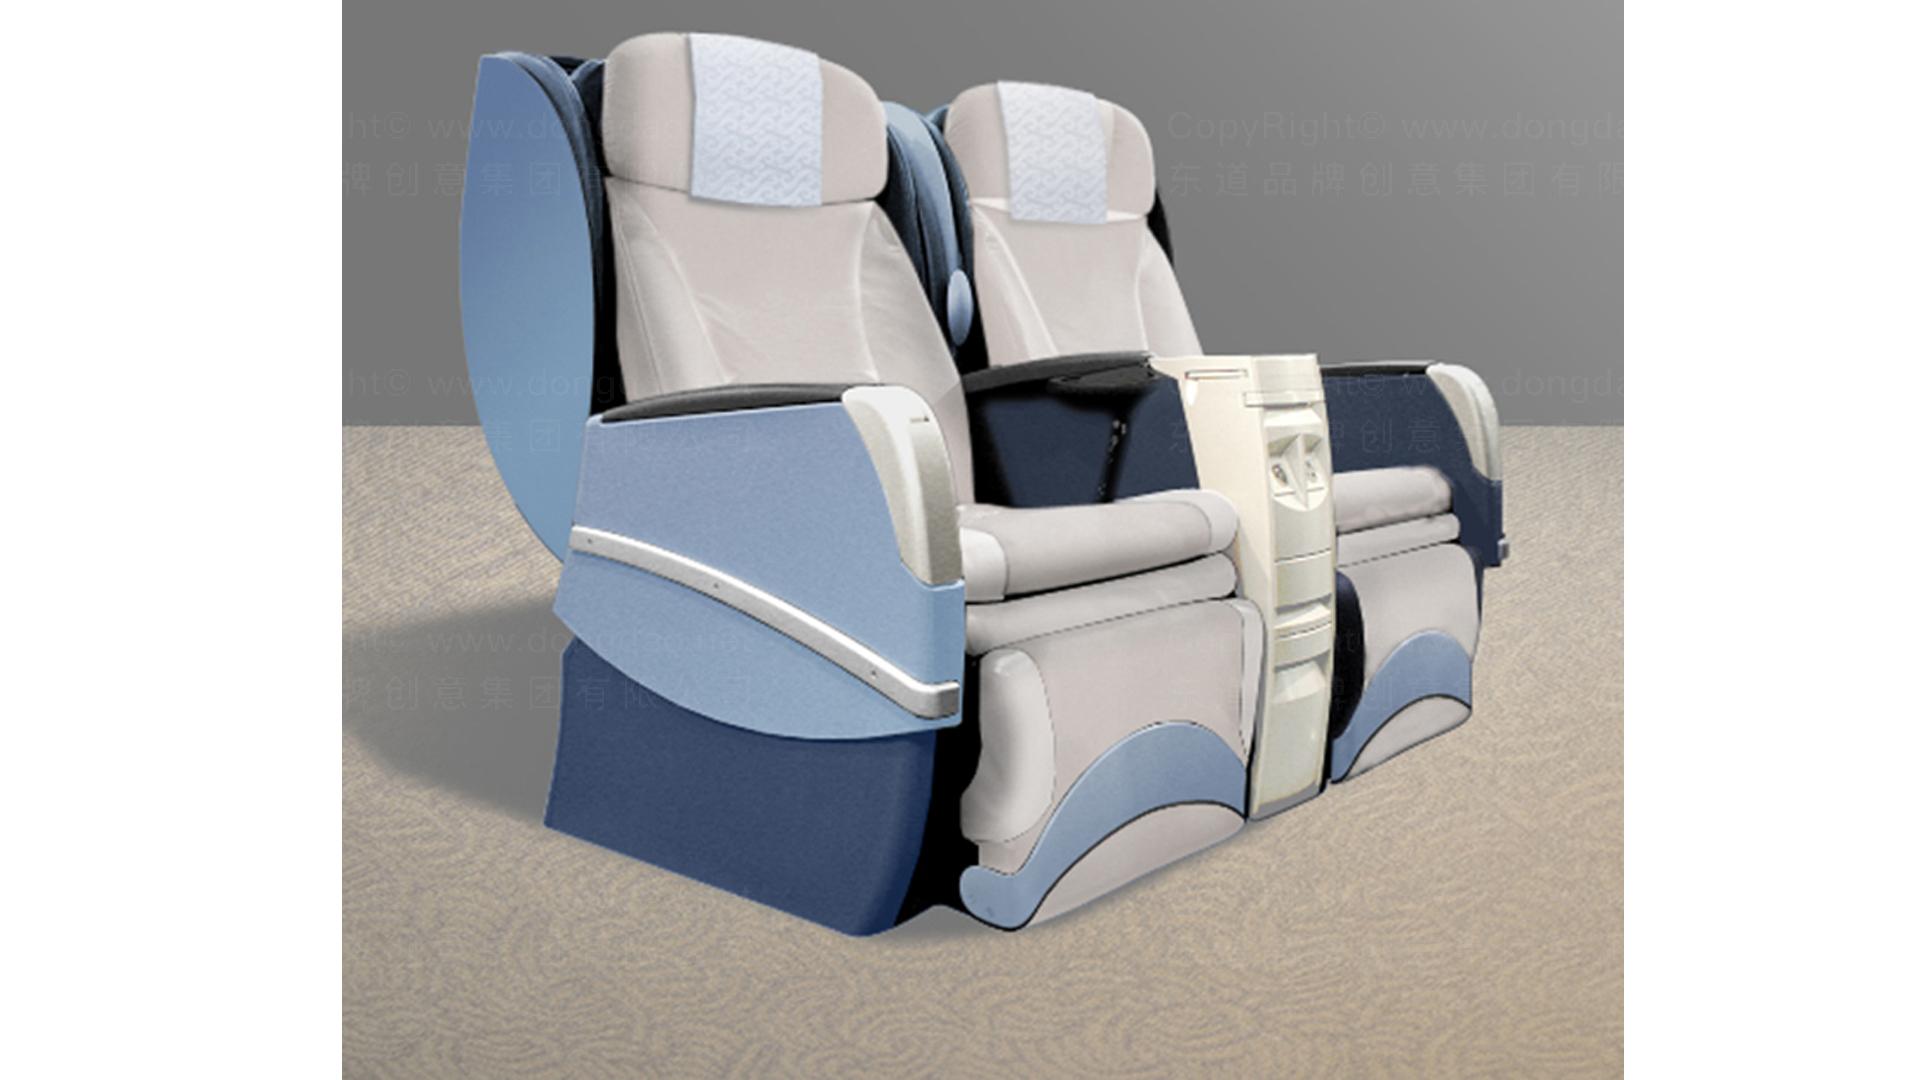 商业空间&导示中国国航三舱及产品设计应用场景_1